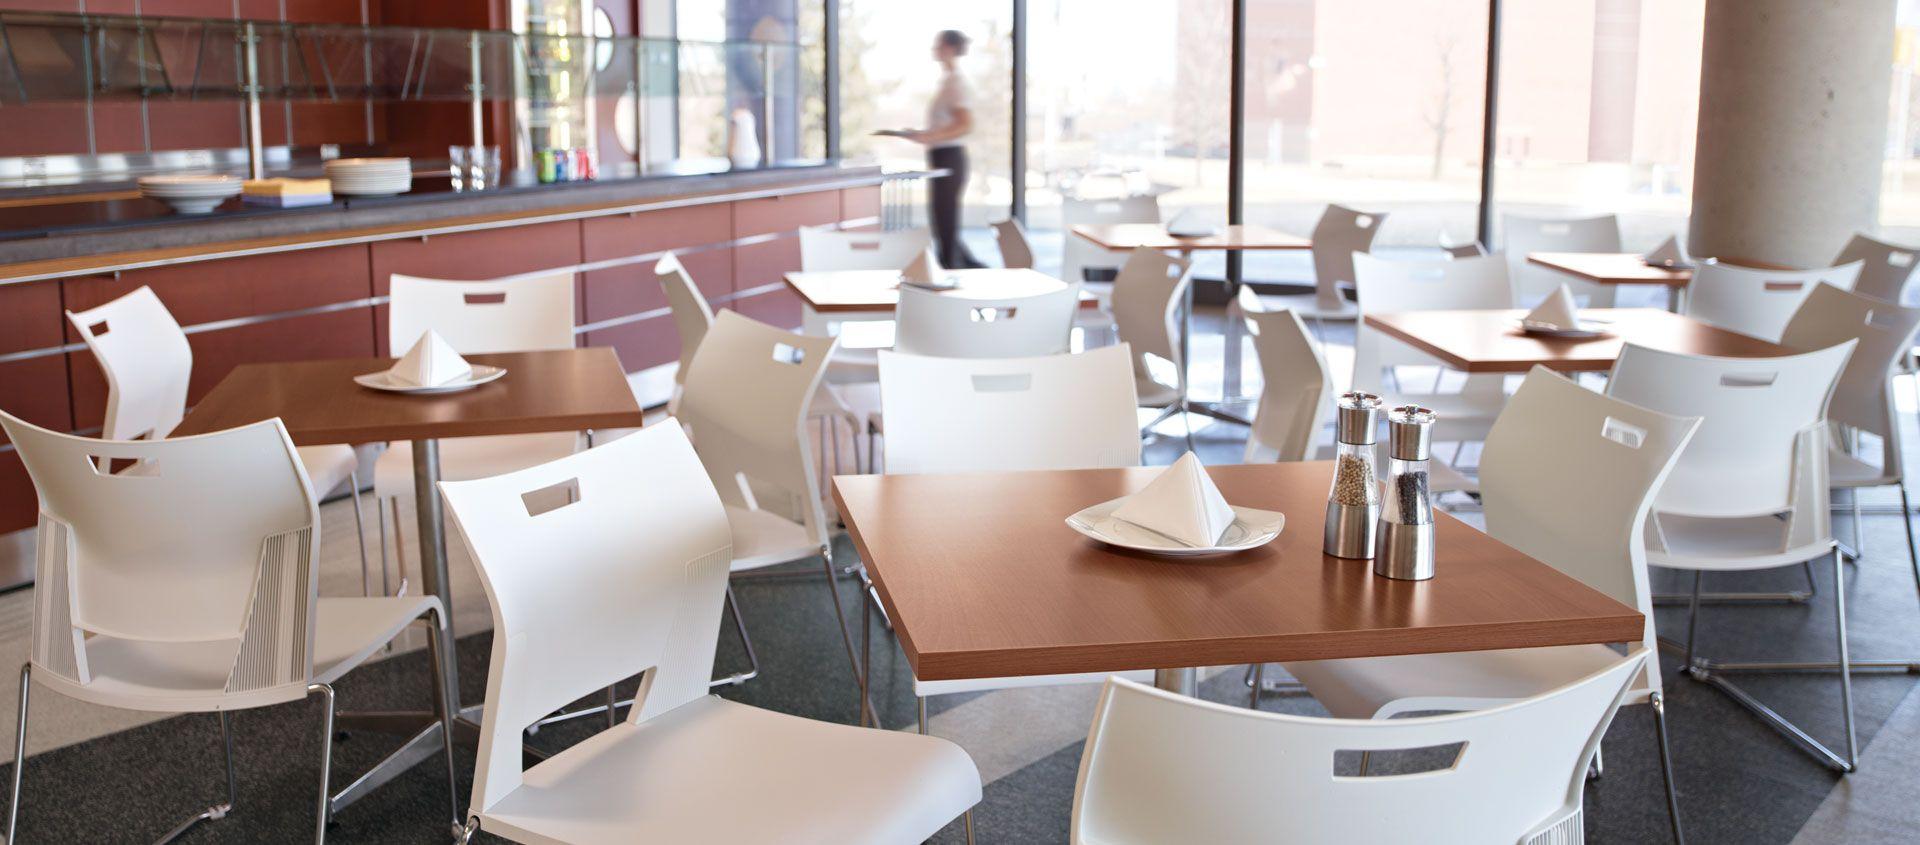 Cafe Cafeteriat Duet Lindsey Office Furniture Www Lindseyfurniture